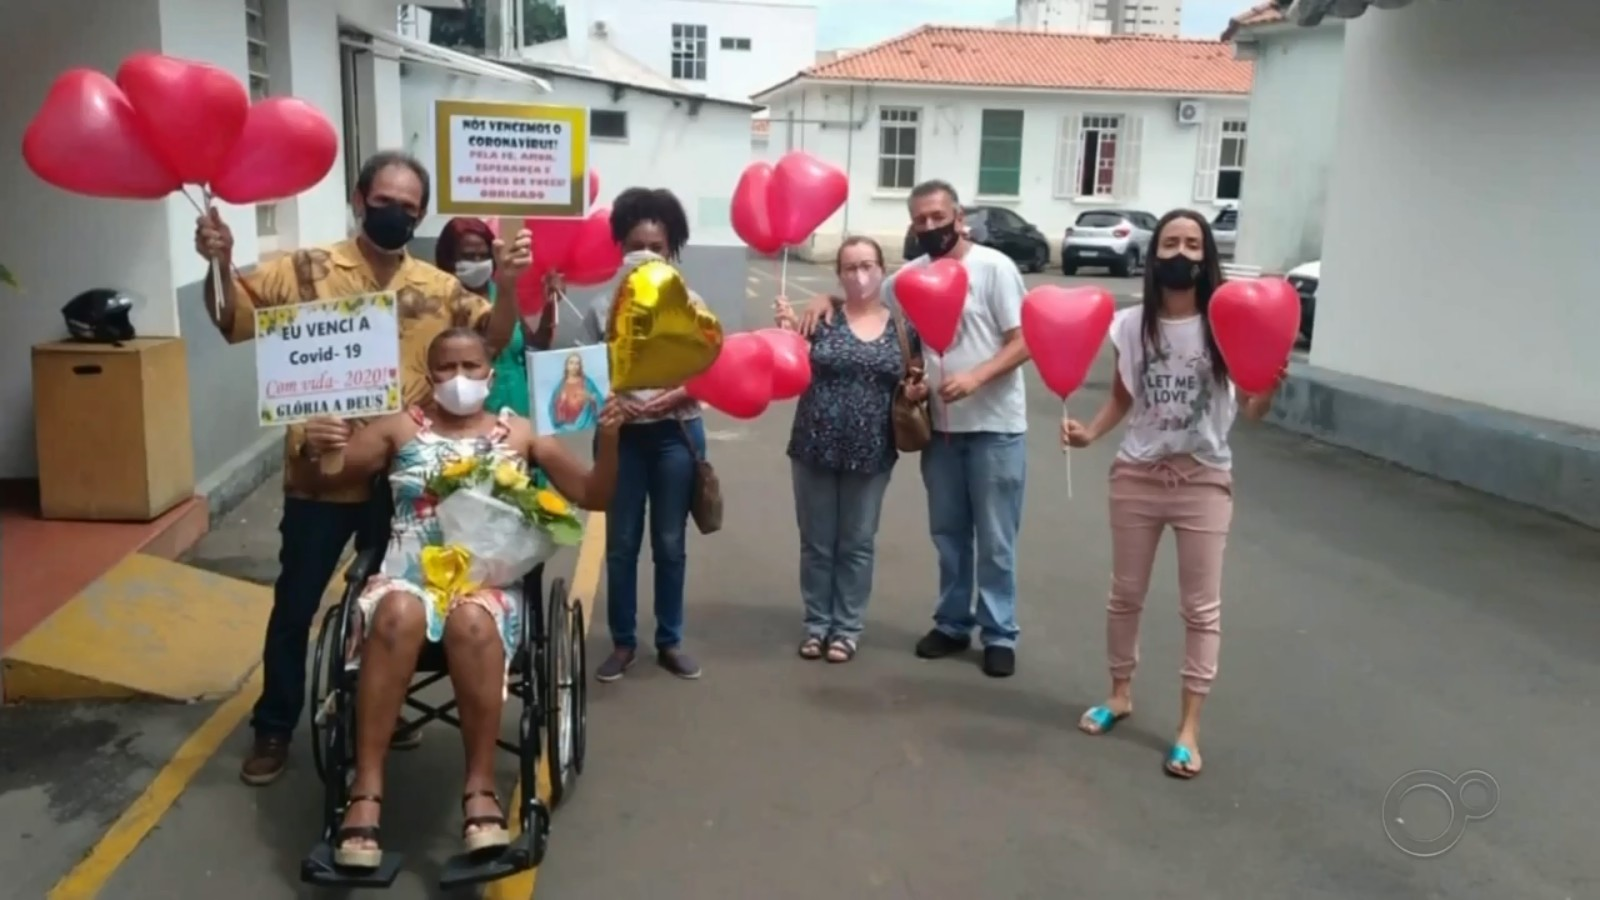 Casal celebra o Natal junto à família em Tatuí após vencer a Covid-19